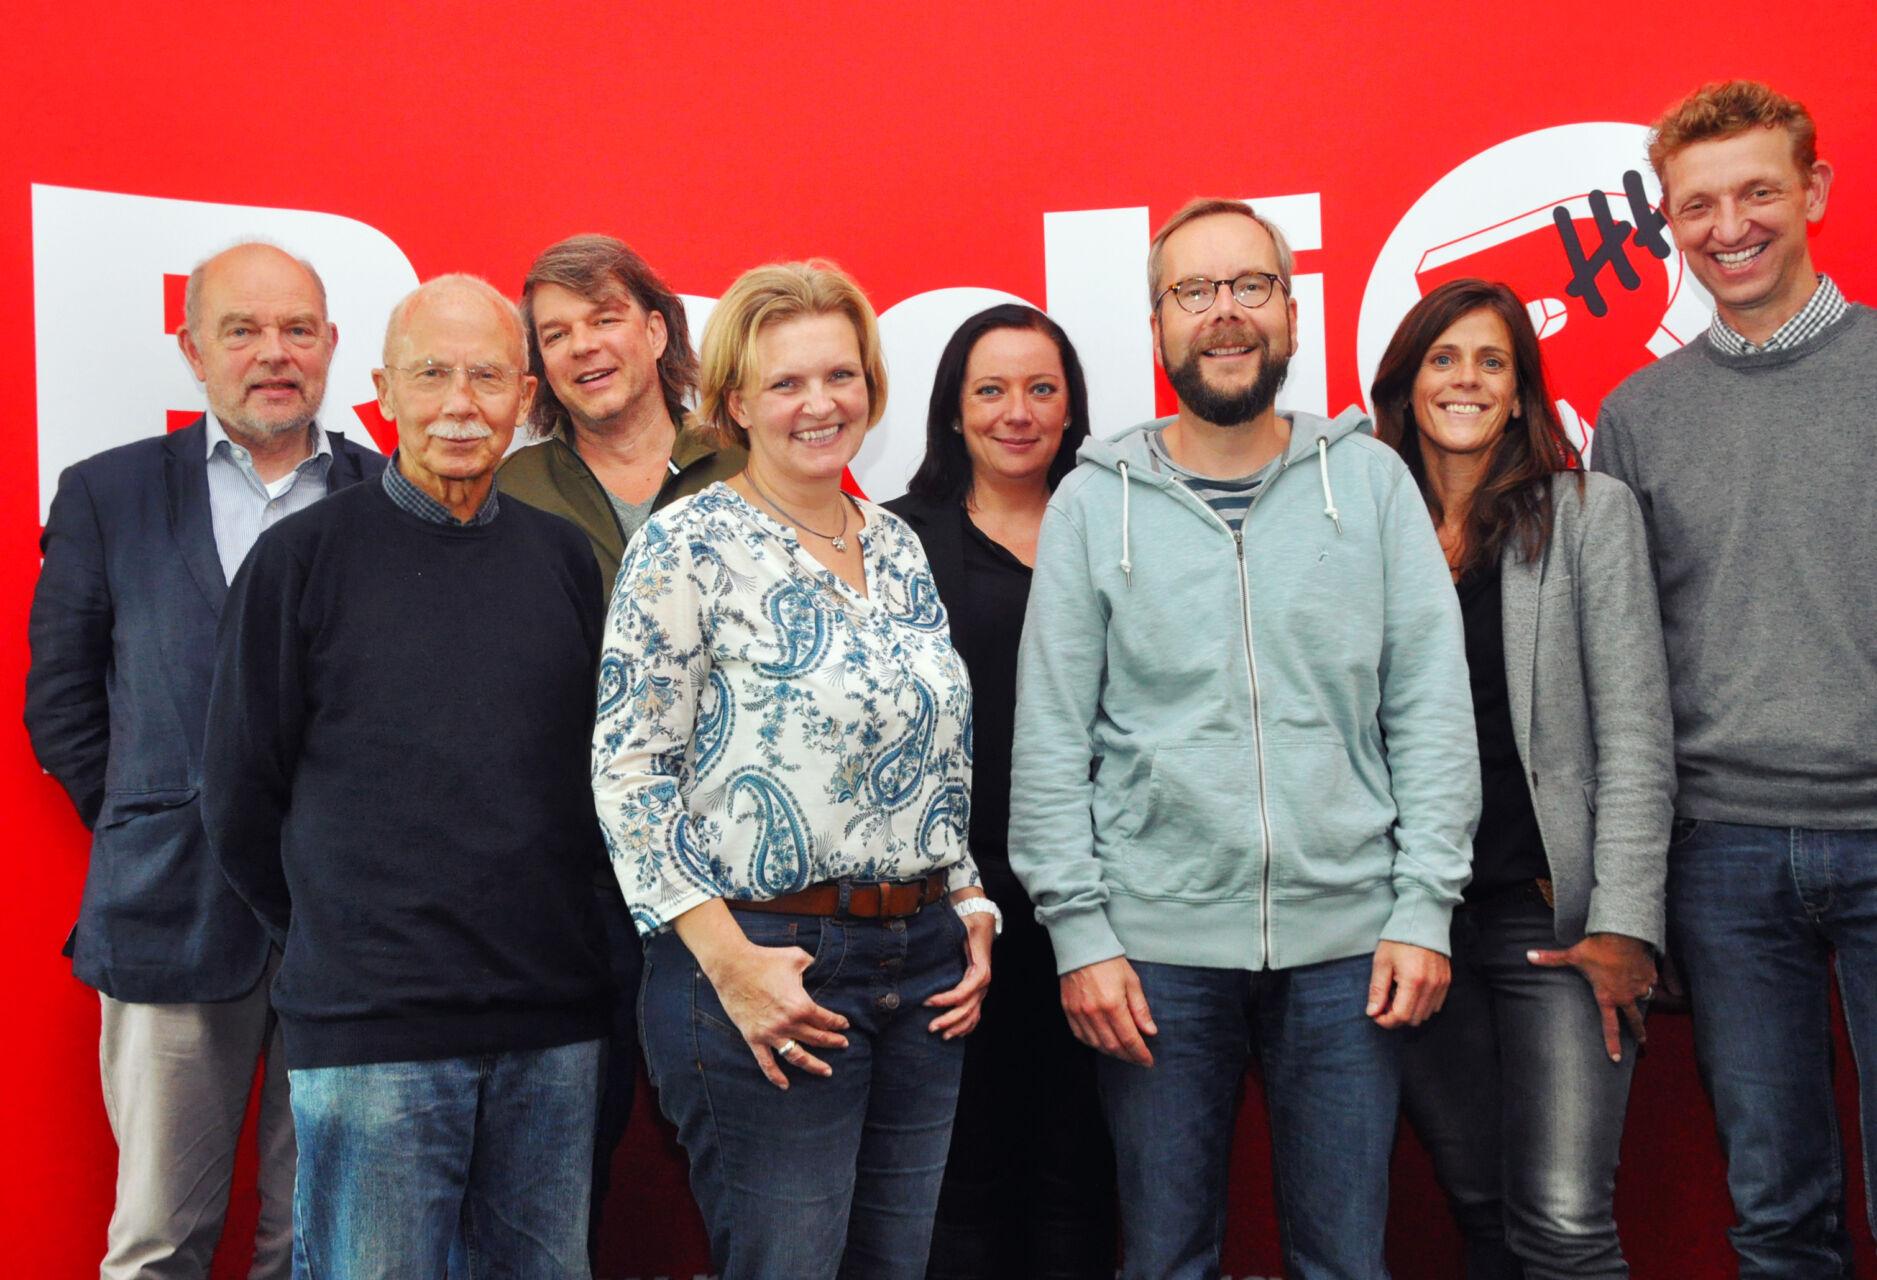 Gruppenfoto der Verein Radio Hamburg